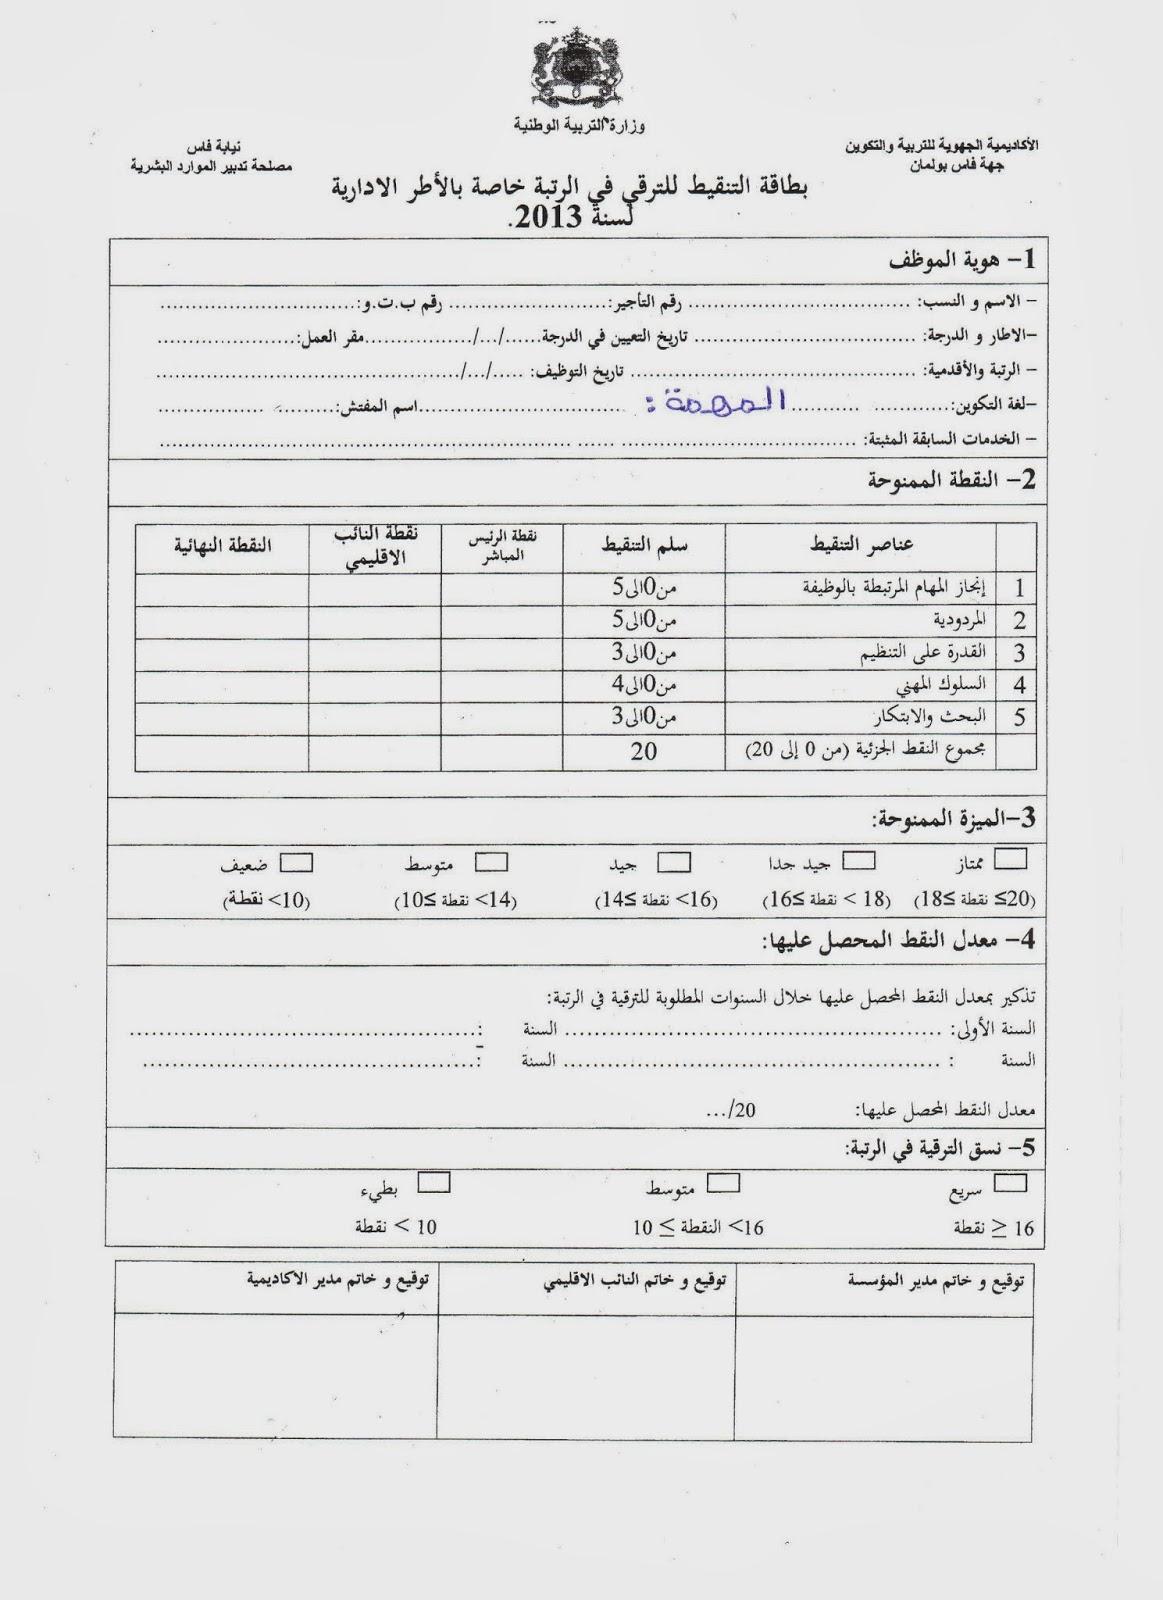 إليكم مطبوع بطاقة التنقيط للترقية في الرتبة برسم سنة 2013 لهيئة التدريس و للإداريين منتديات دفاتر التربوية التعليمية المغربية